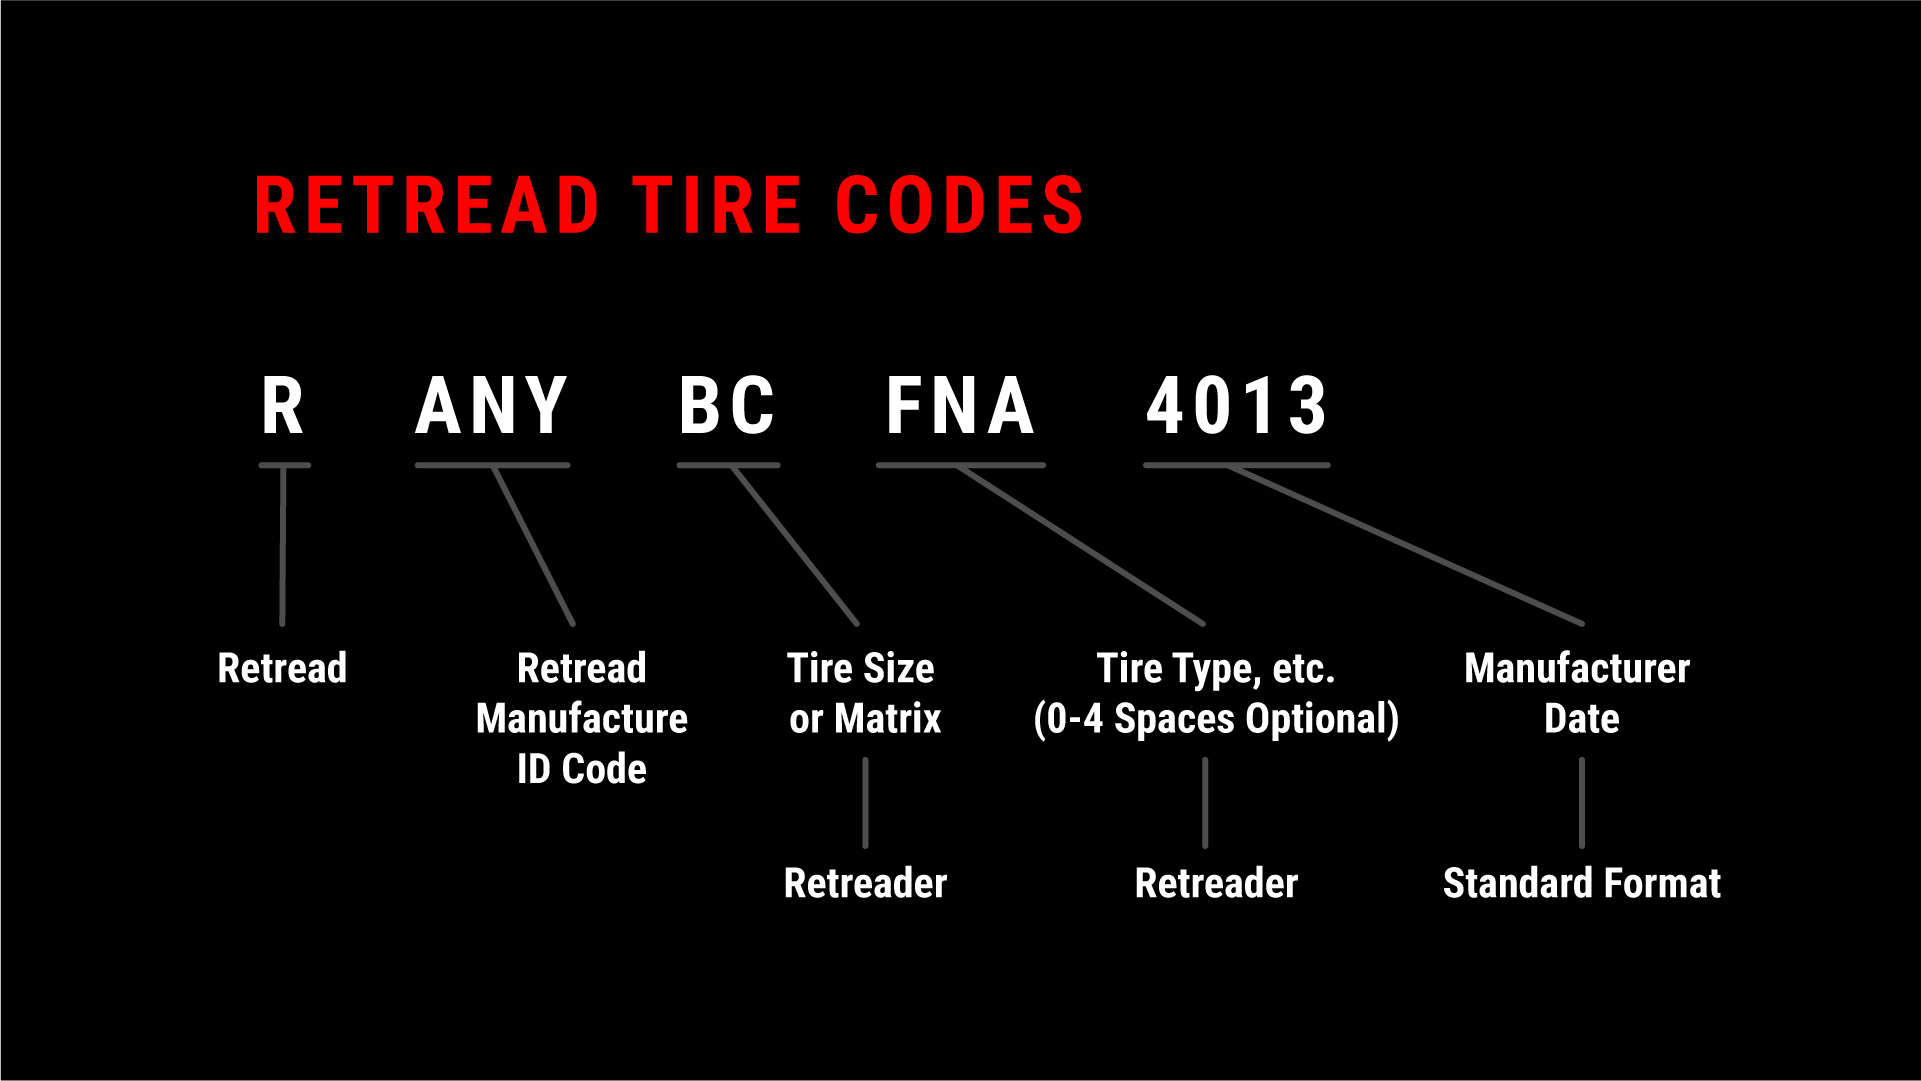 Retread Tire Codes